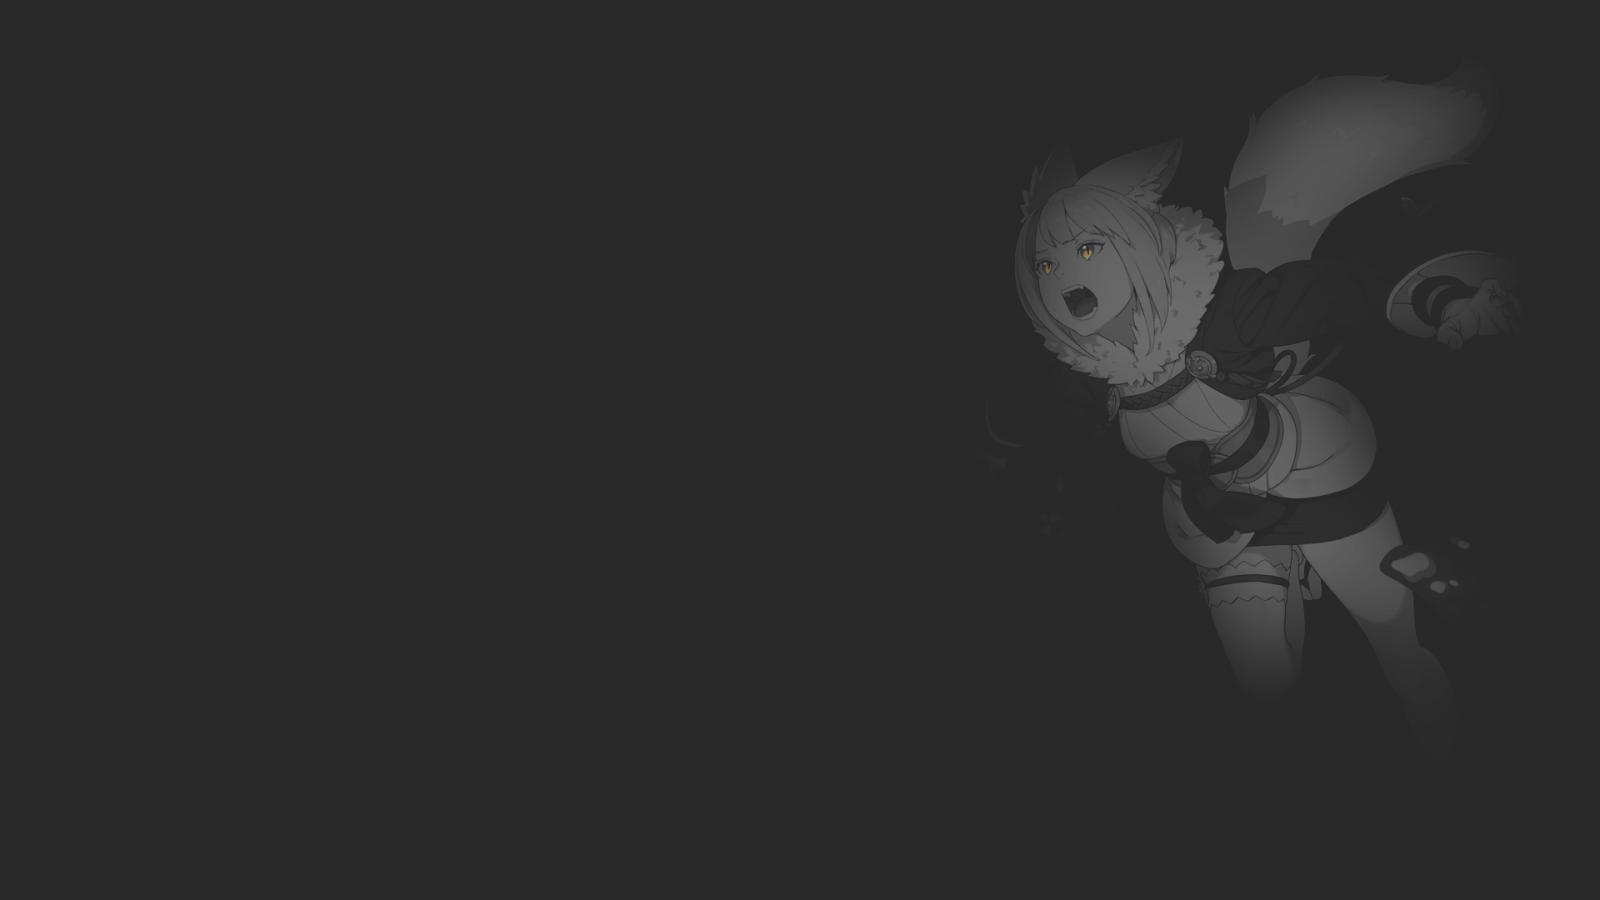 Hình nền anime đen trắng cô nàng tai cáo